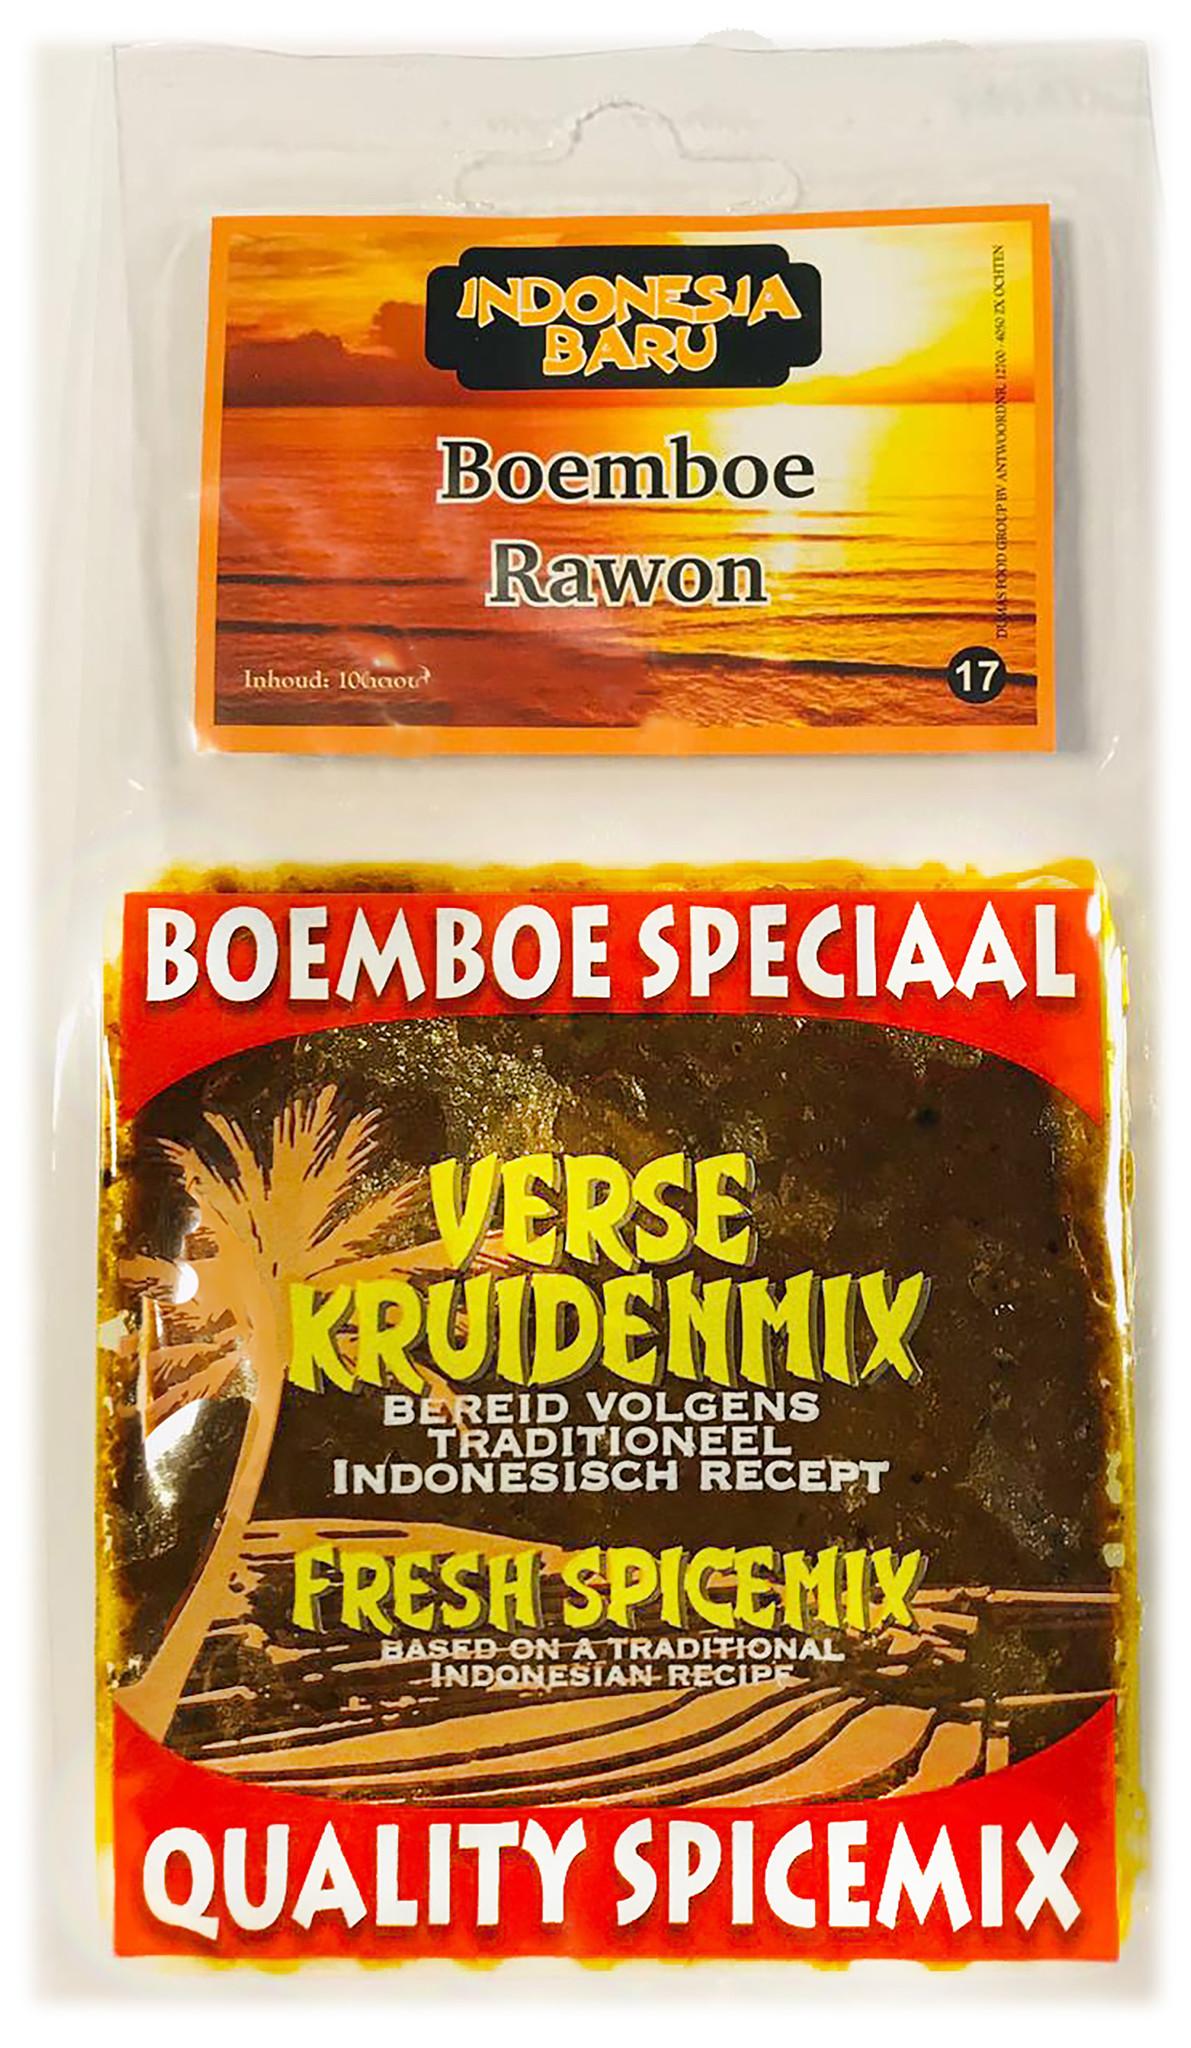 Boemboe Rawon